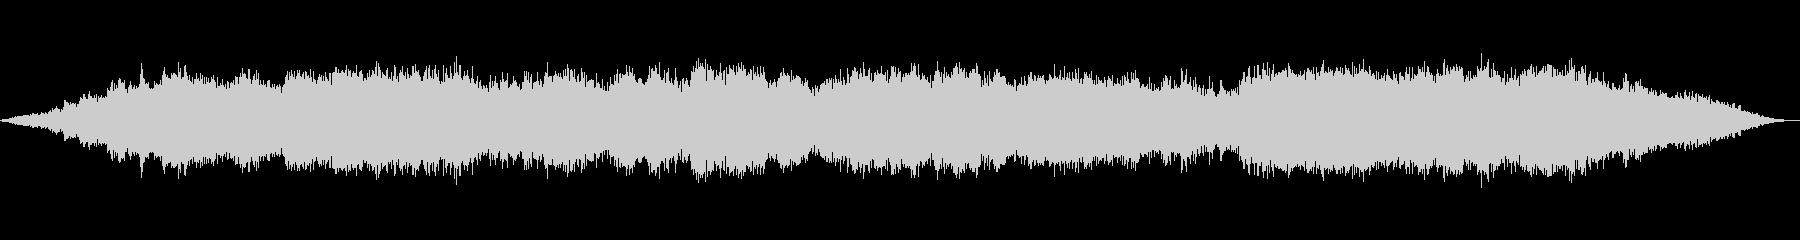 偶発的な音の重なりが心地よいアンビエントの未再生の波形